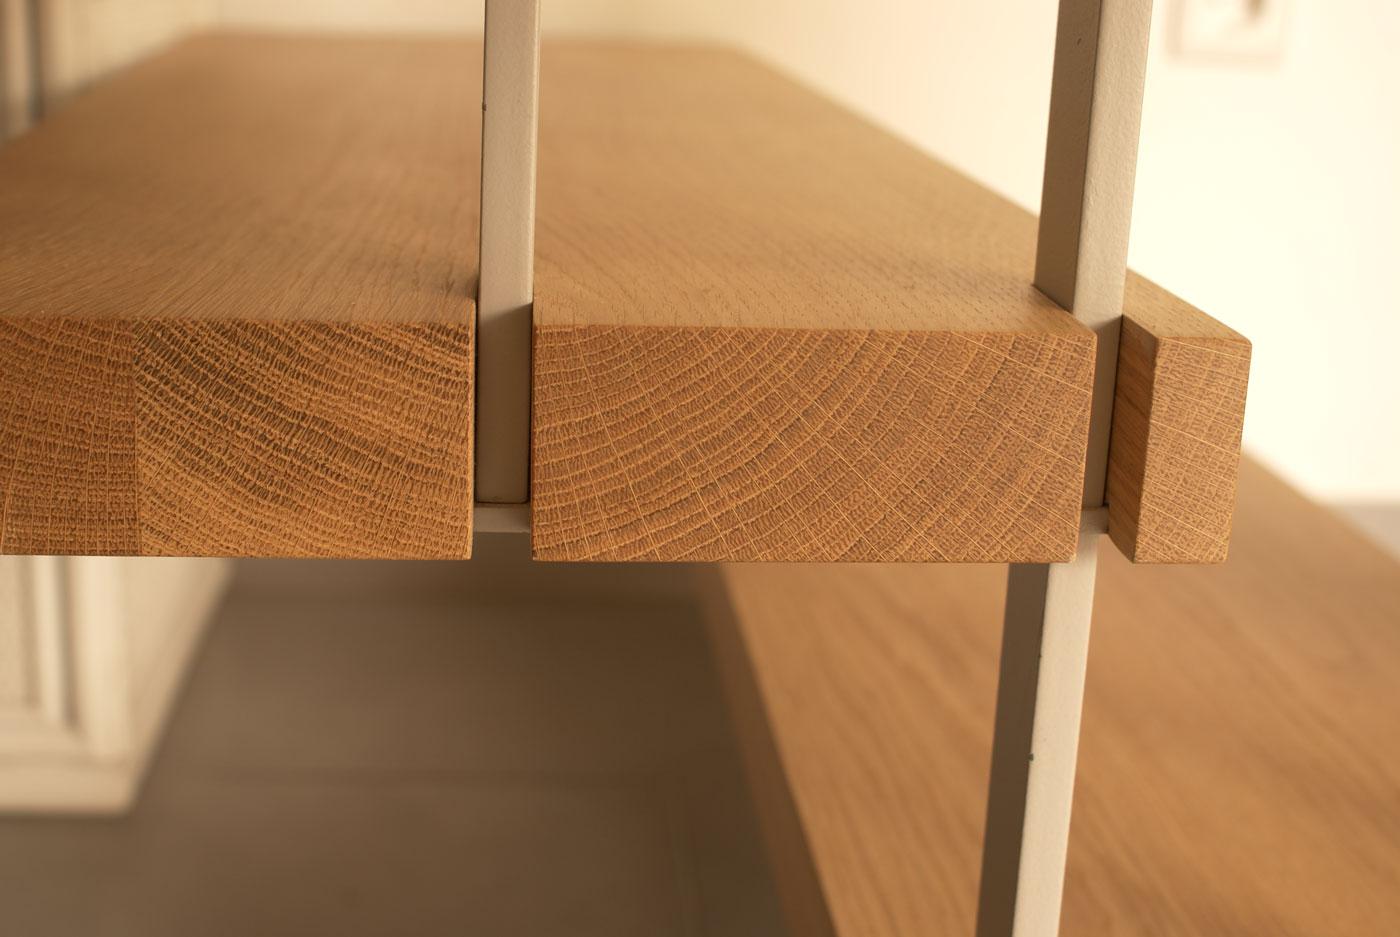 Tresenstühle Küche treppe eiche metall tischlerei putzer brixen